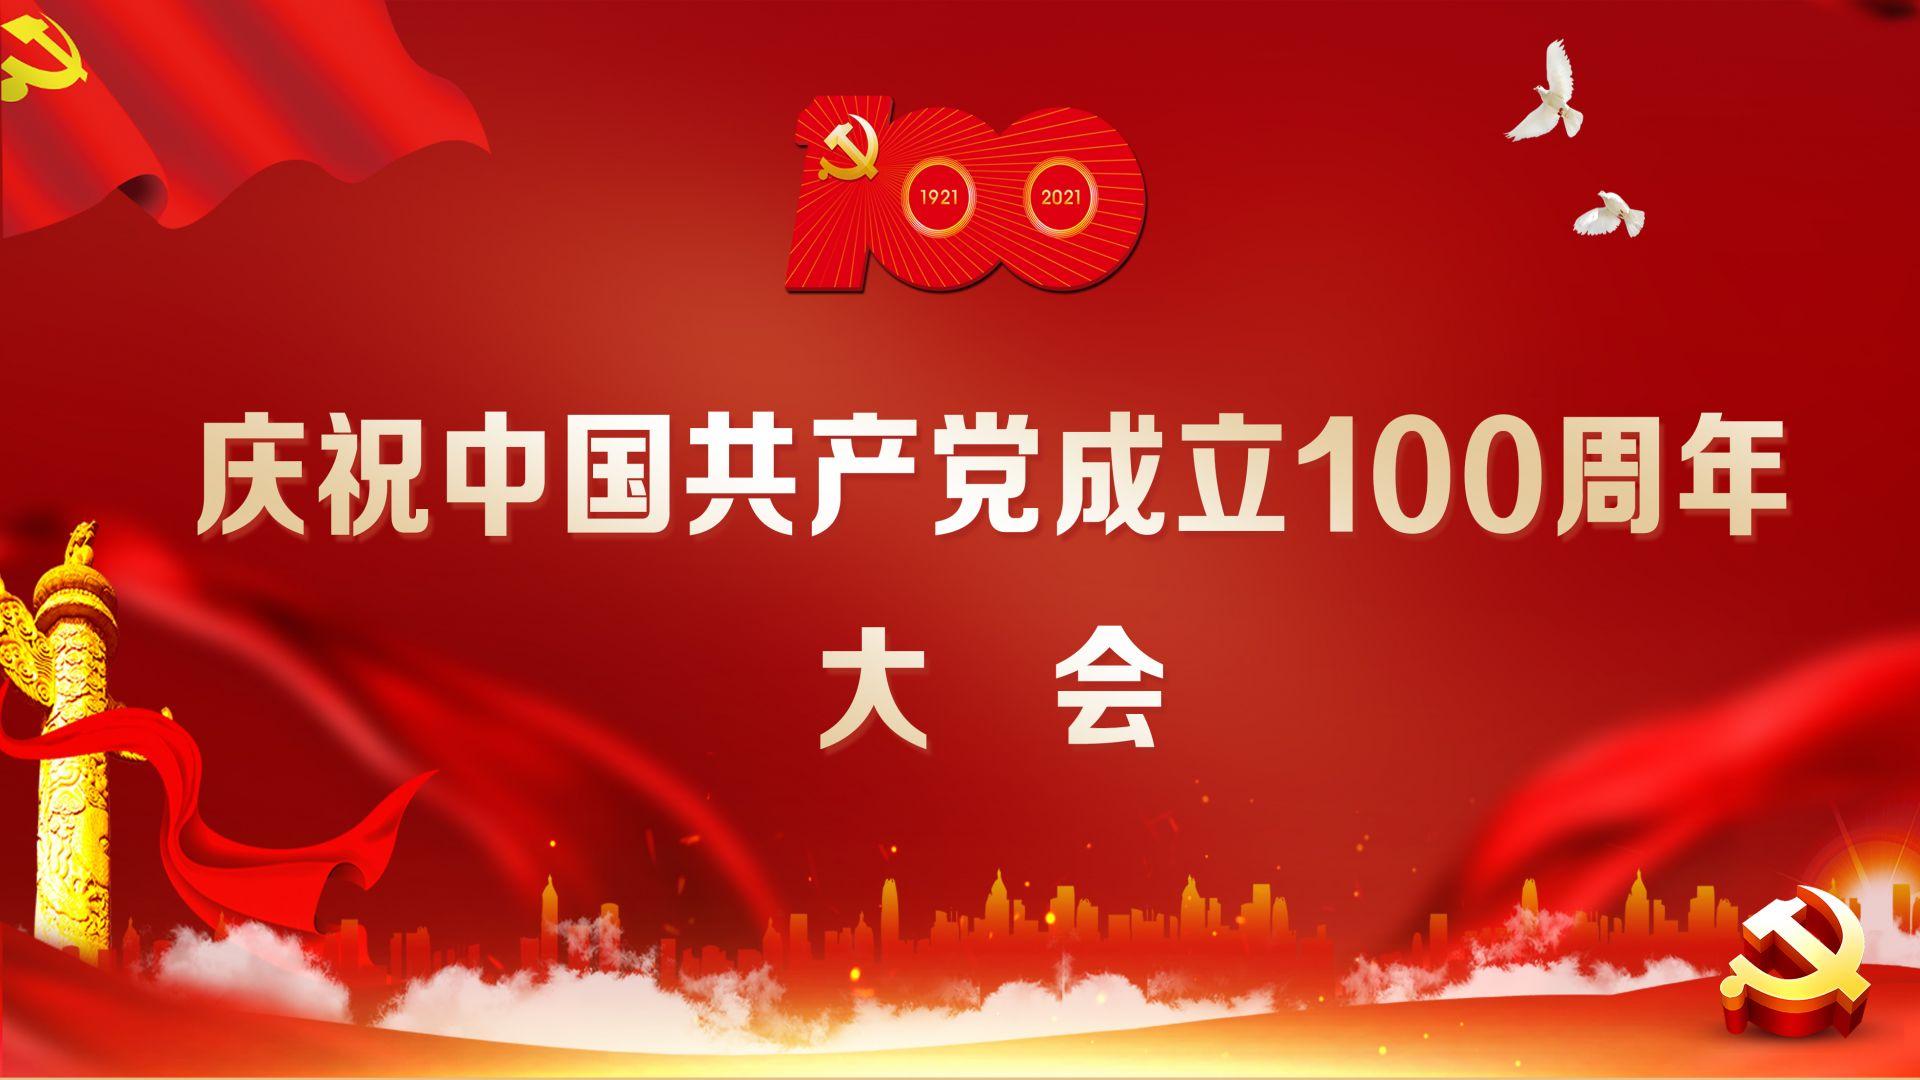 回看 | 庆祝中国共产党成立100周年大会